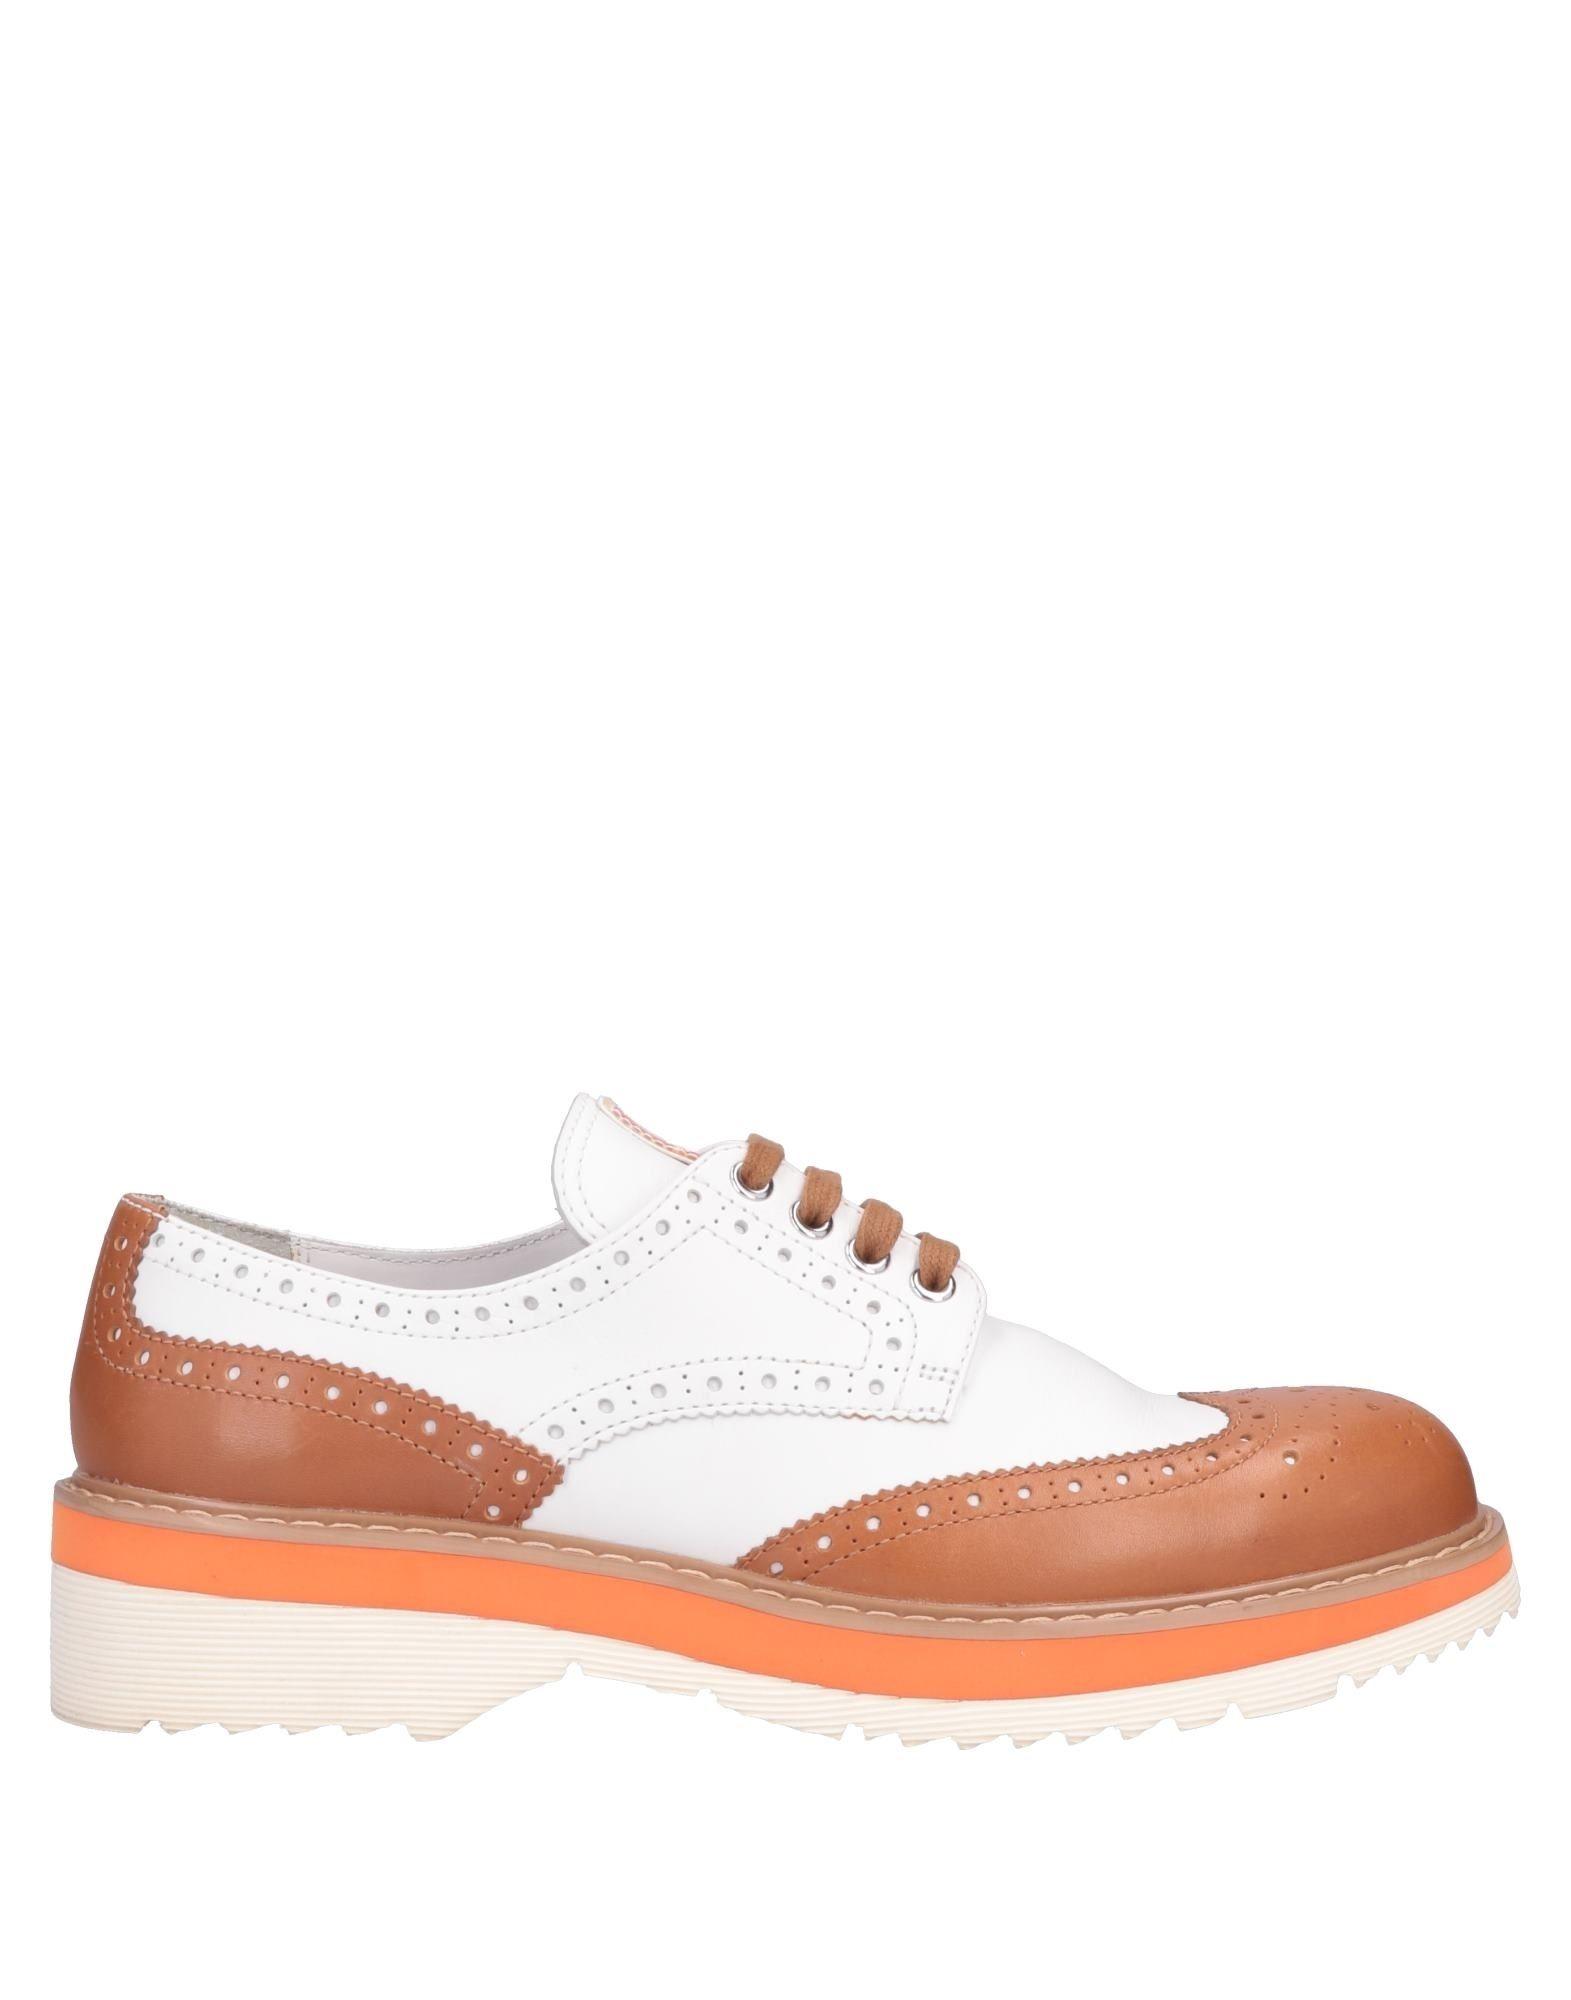 Фото - PRADA SPORT Обувь на шнурках обувь на высокой платформе dkny